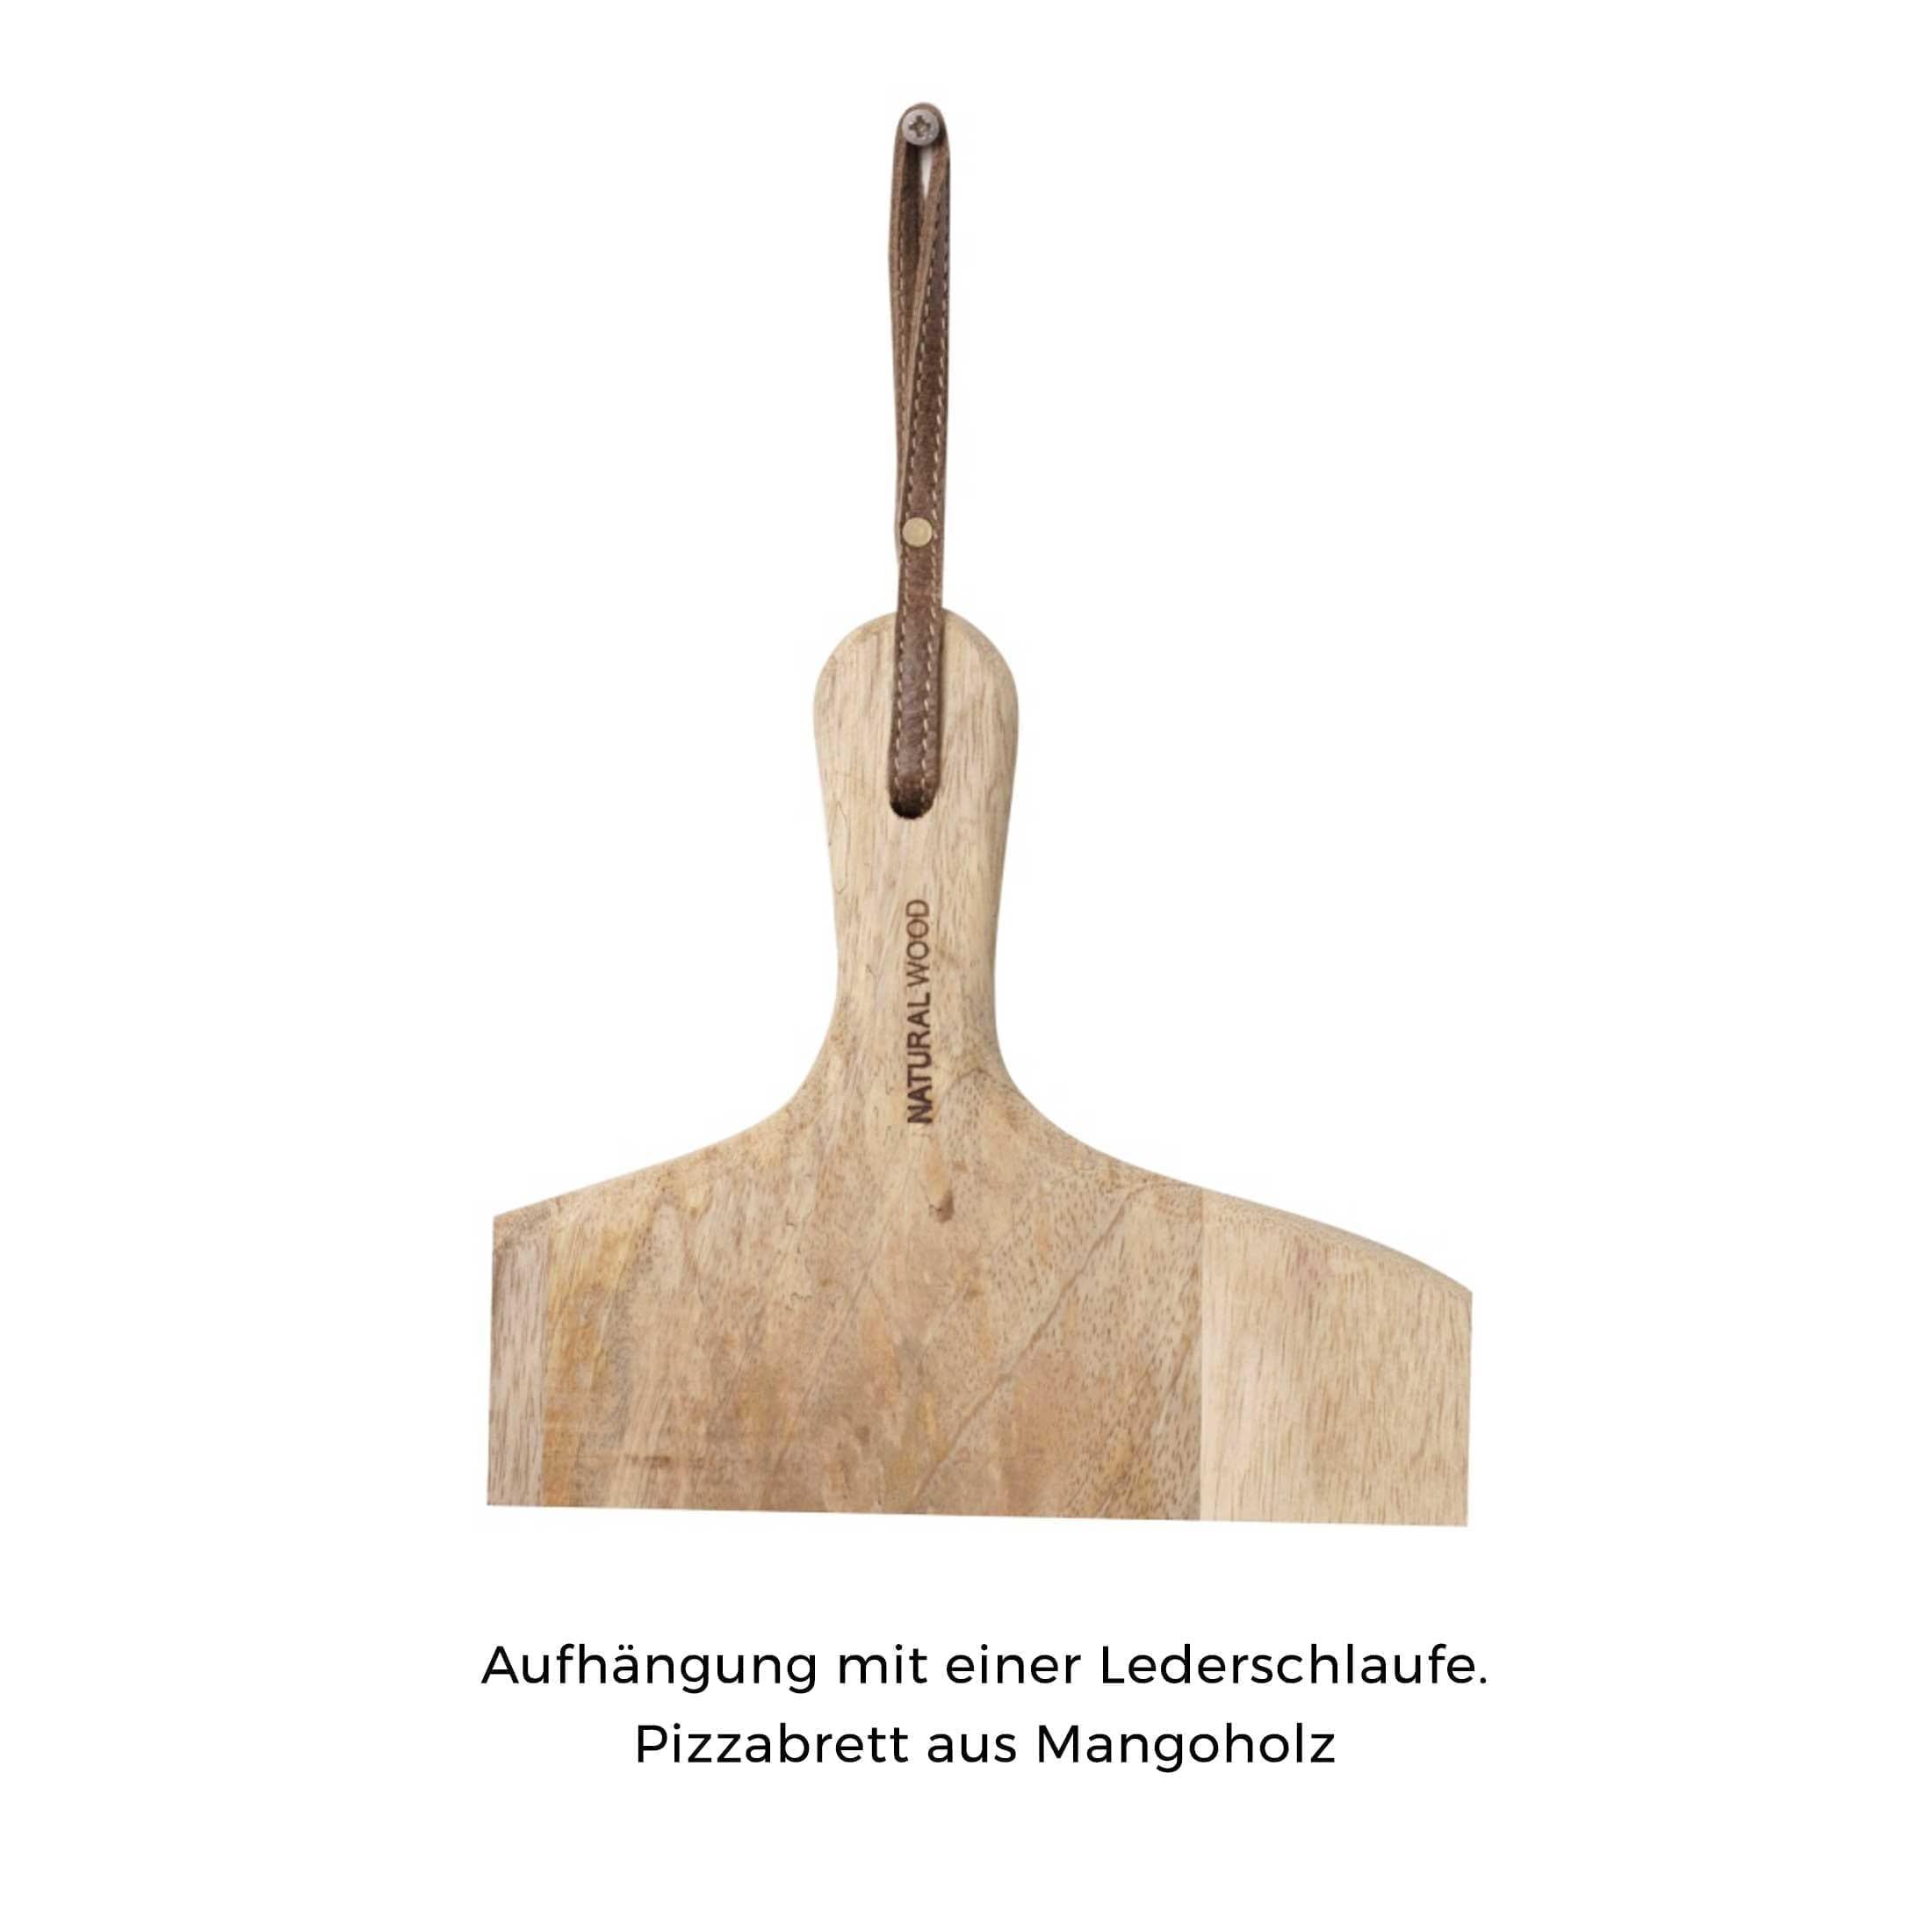 Pizzabrett Pizza-Master mit 50 cm Durchmesser. Das runde Brett aus Holz mit Griff hat eine Aufhängung aus Leder. Schneidebrett, Rundes Pizzabrett kaufen